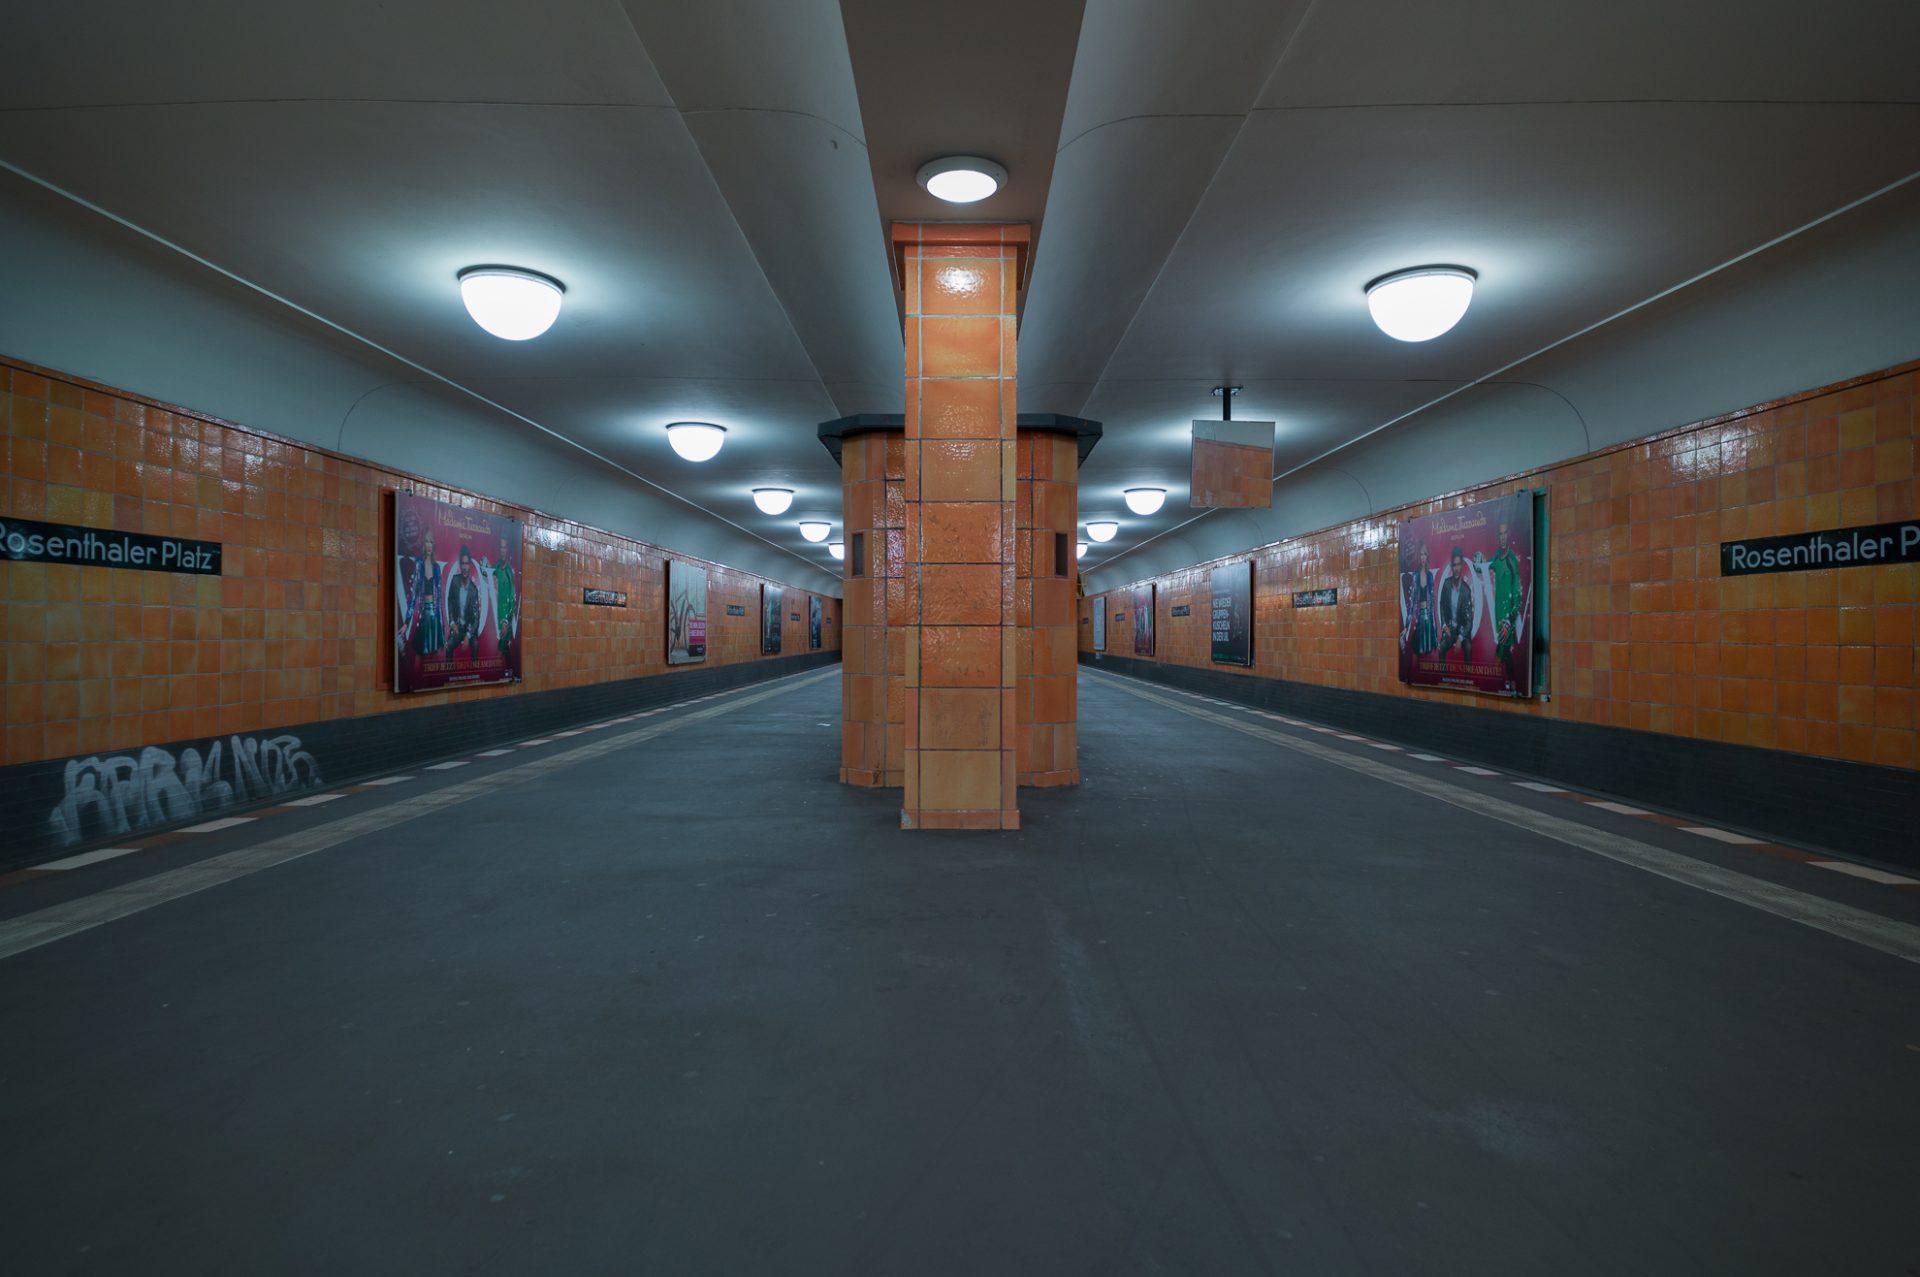 u8_rosenthalerplatz (4 von 5)